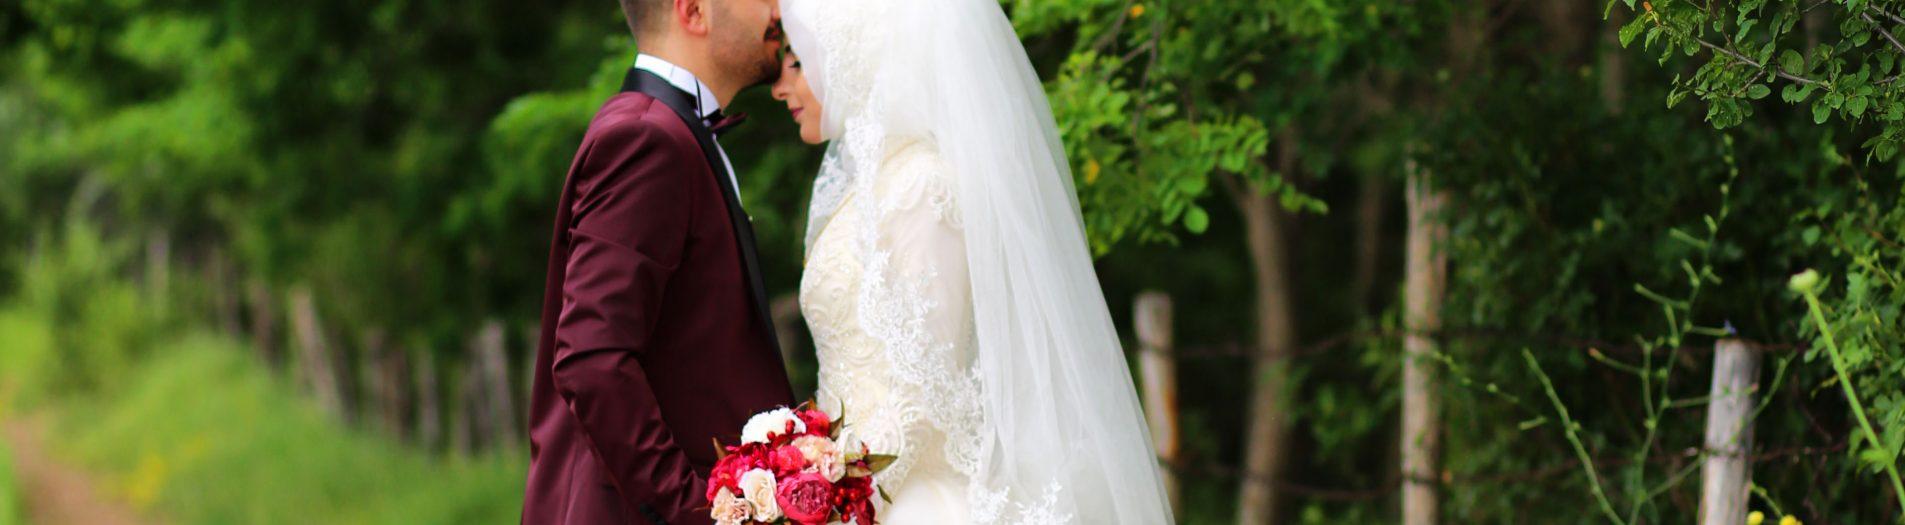 Seda ve Can Çifti Sivas Düğün Fotoğrafçısı Albümü